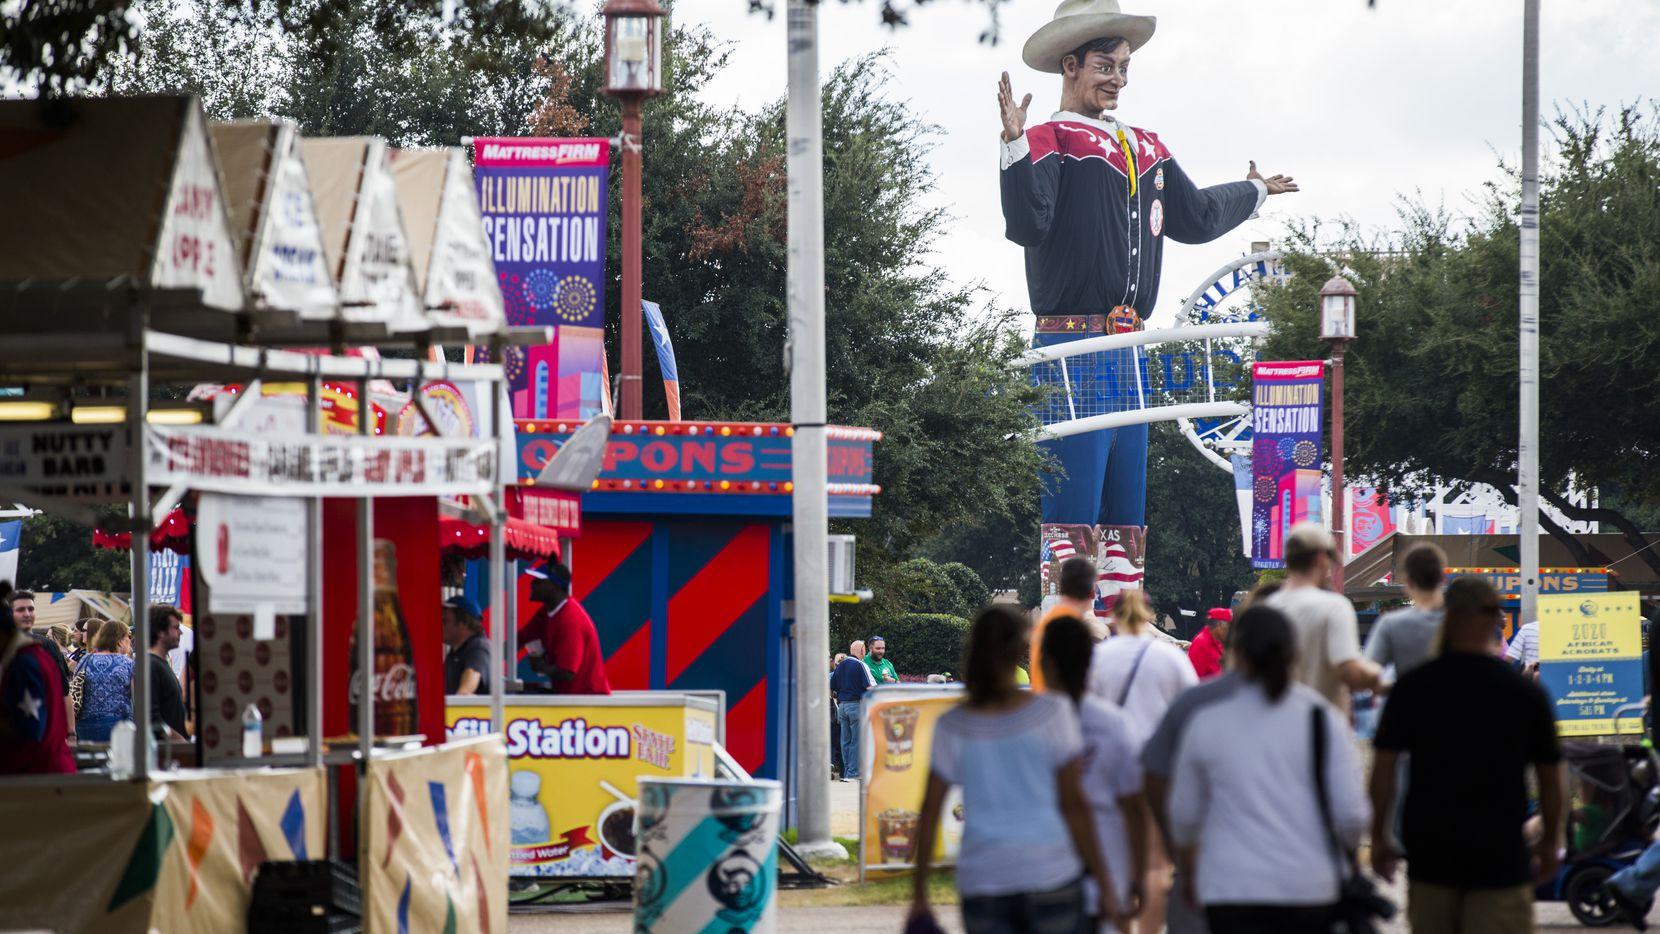 La Feria Estatal de Texas ofrece diferentes descuentos para ahorrar dinero. Después de las 5 p.m. todos pagan entrada con precio de niño y los miércoles hay manera de entrar por tan solo $5.